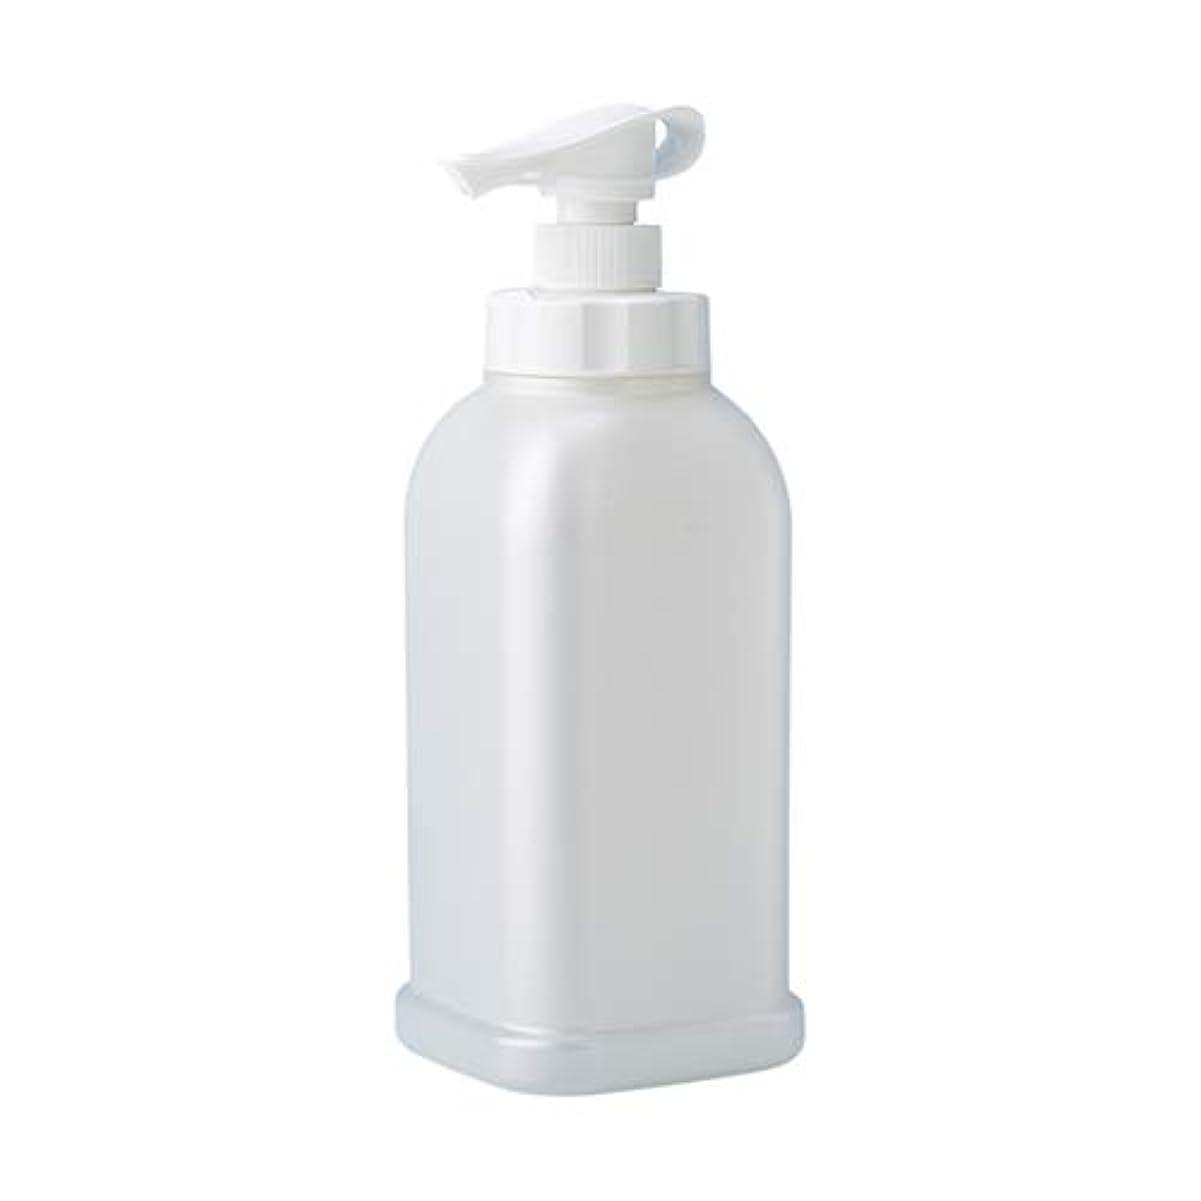 出発小売第二に安定感のある ポンプボトル シャンプー コンディショナー リンス ボディソープ ハンドソープ 1.2L詰め替え容器 パールホワイト